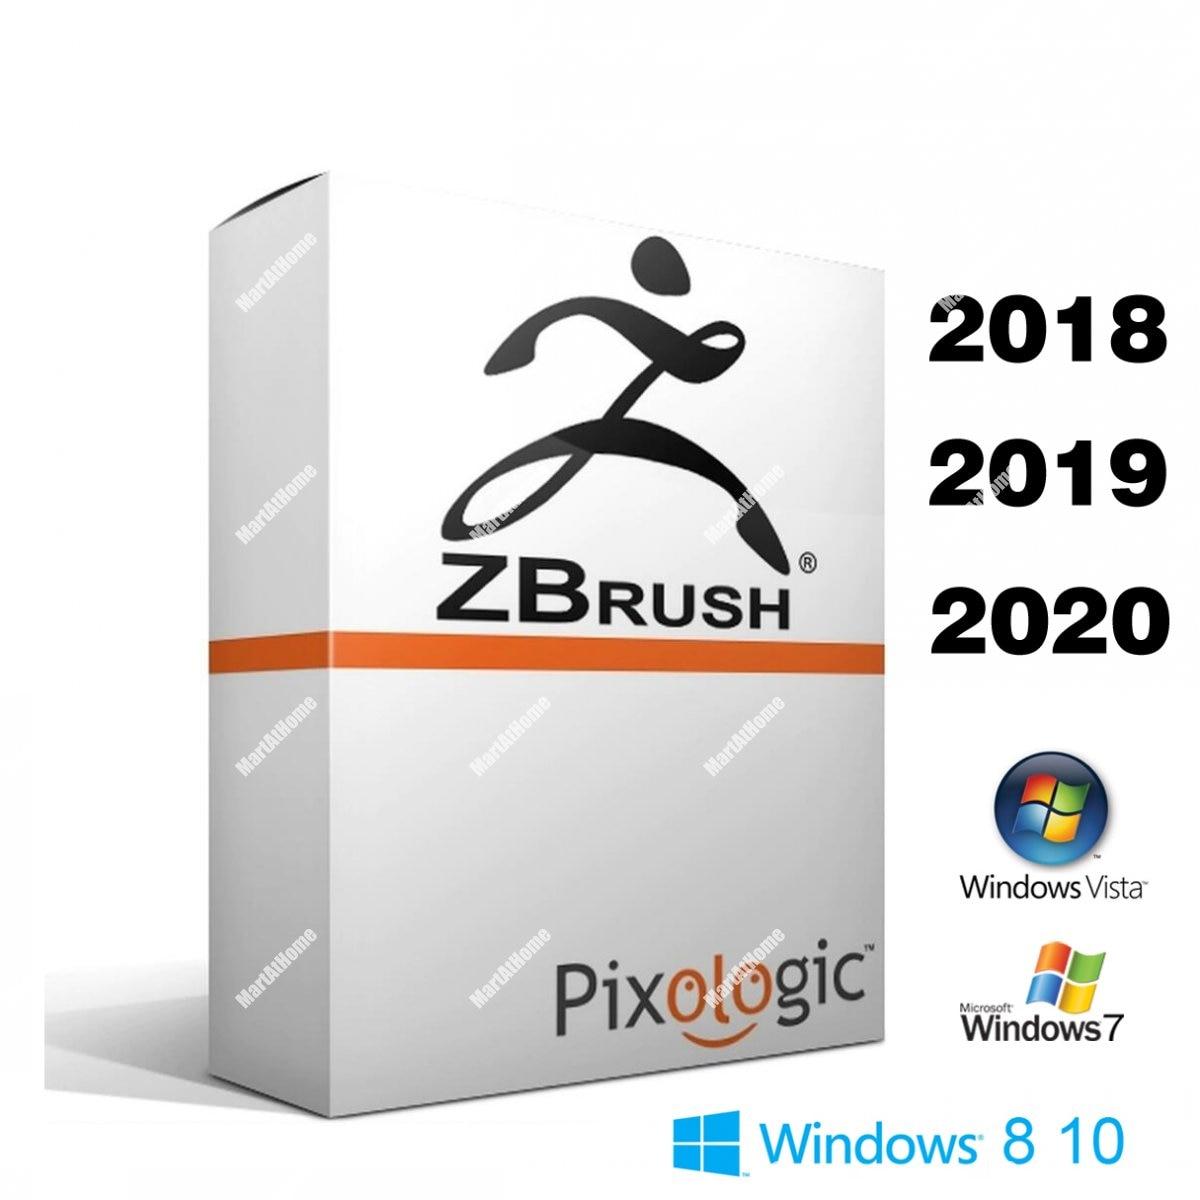 بيكسولوجيك زبراش 2018 2019 2020 النسخة الكاملة تفعيل مدى الحياة لطلاء ثلاثية الأبعاد والتركيب ، ودعم ويندوز 64bit